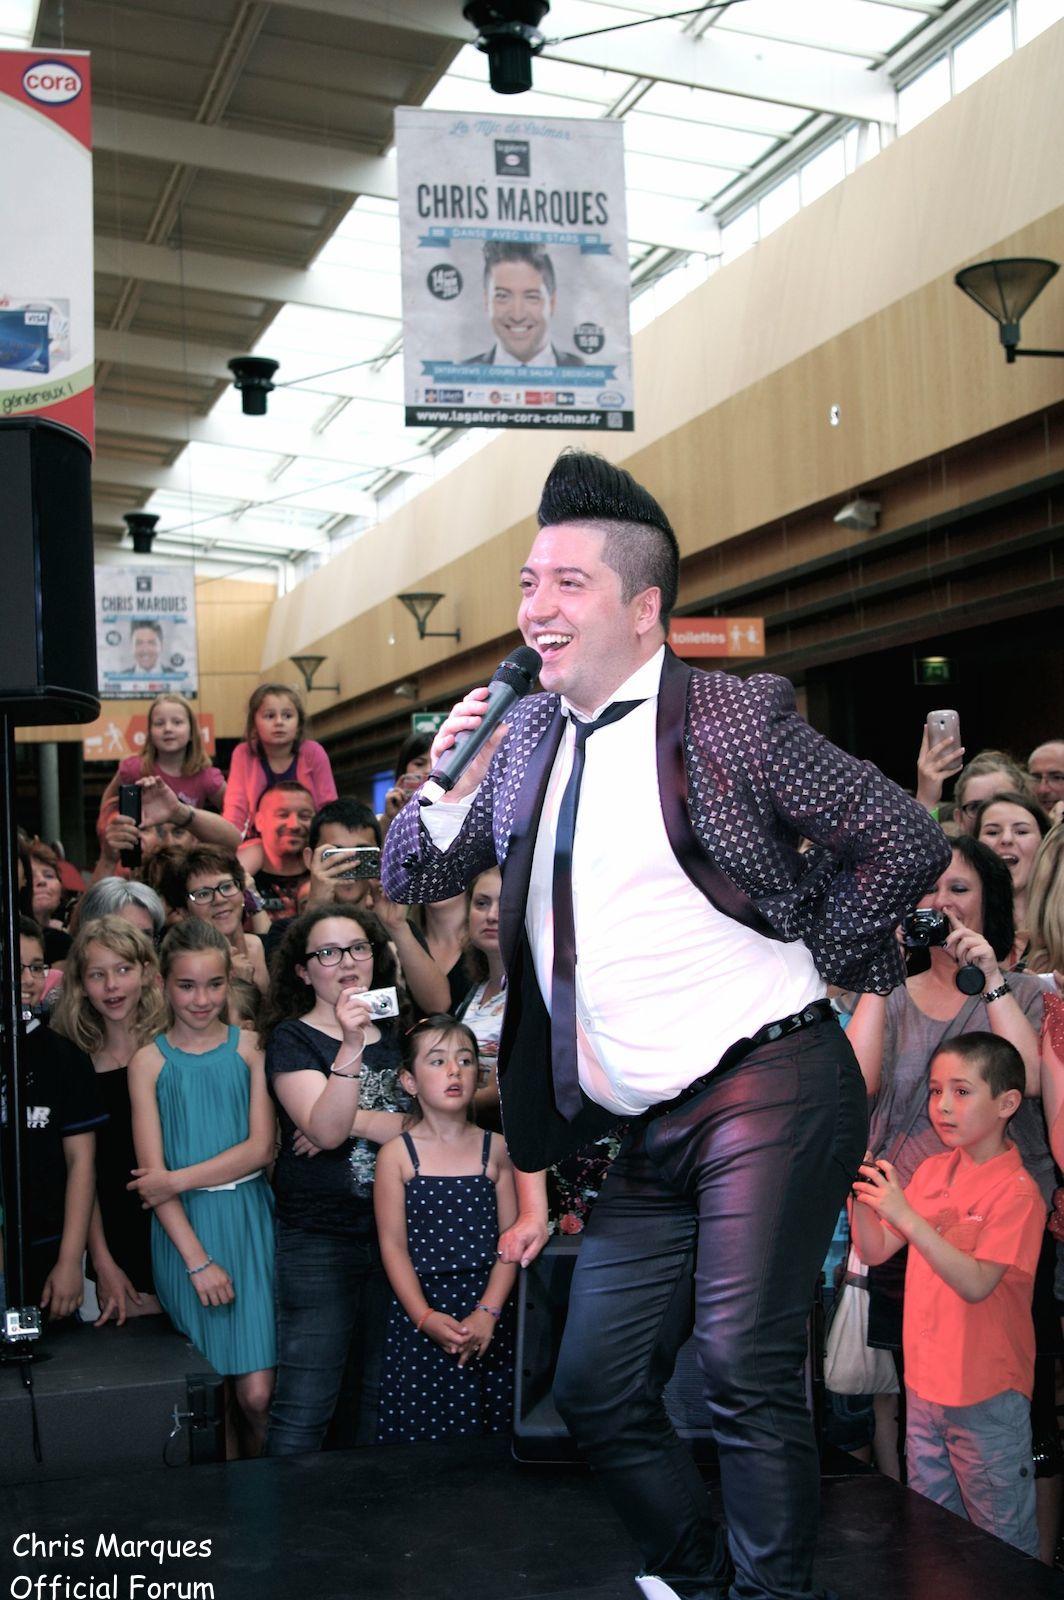 [14.06.2014] Evénement à #Colmar Chris Marques et Jaclyn Spencer pour un Flashmob/Cours de Danse/Dédicaces exceptionnels le tout organisé par la MJC de Colmar 9711